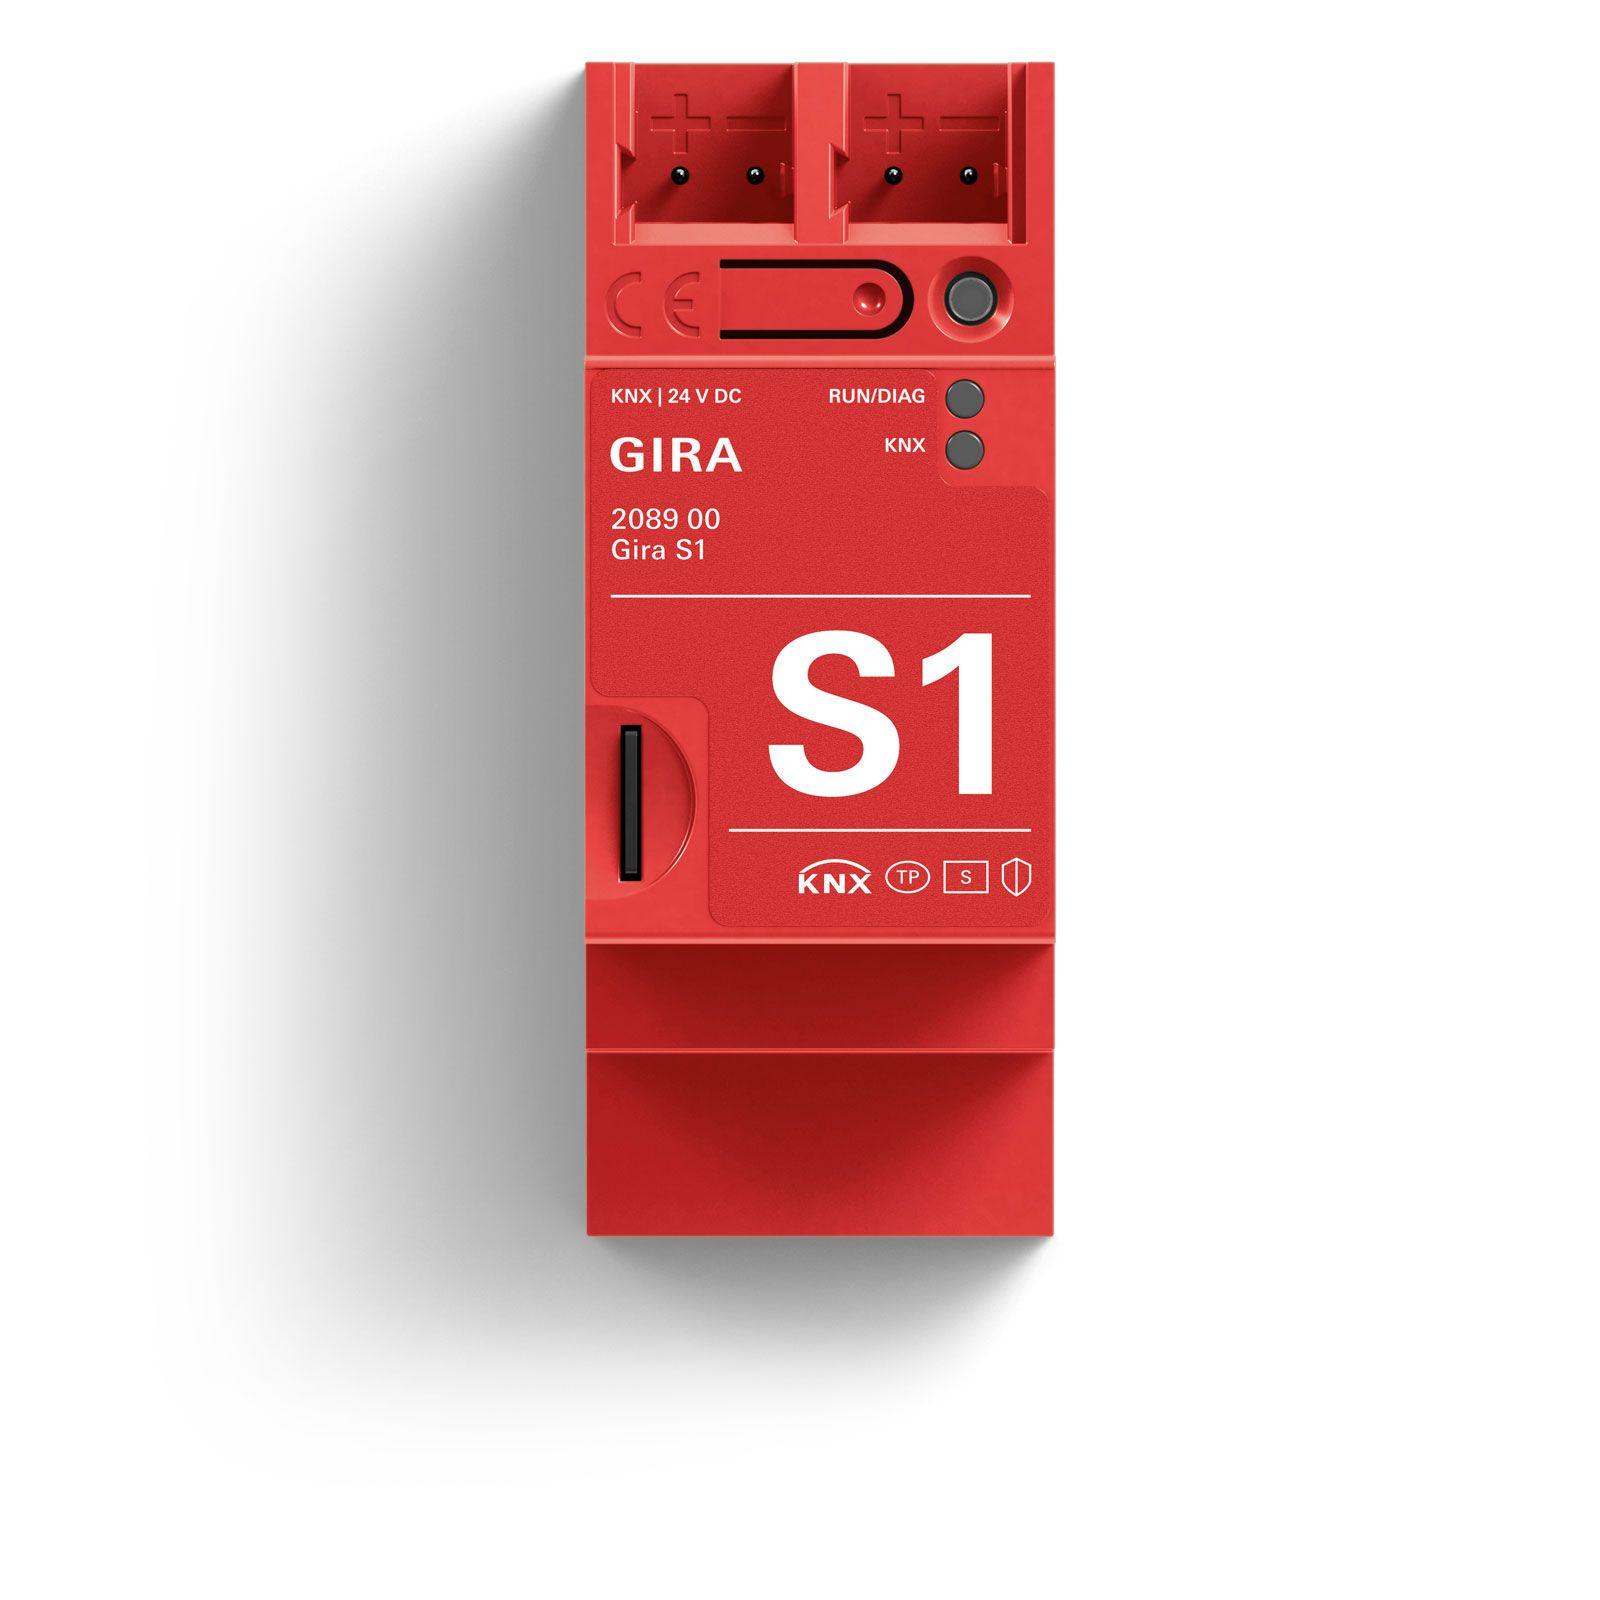 Gira S1 Sicherer Fernzugriff auf das Smart Home mit KNX